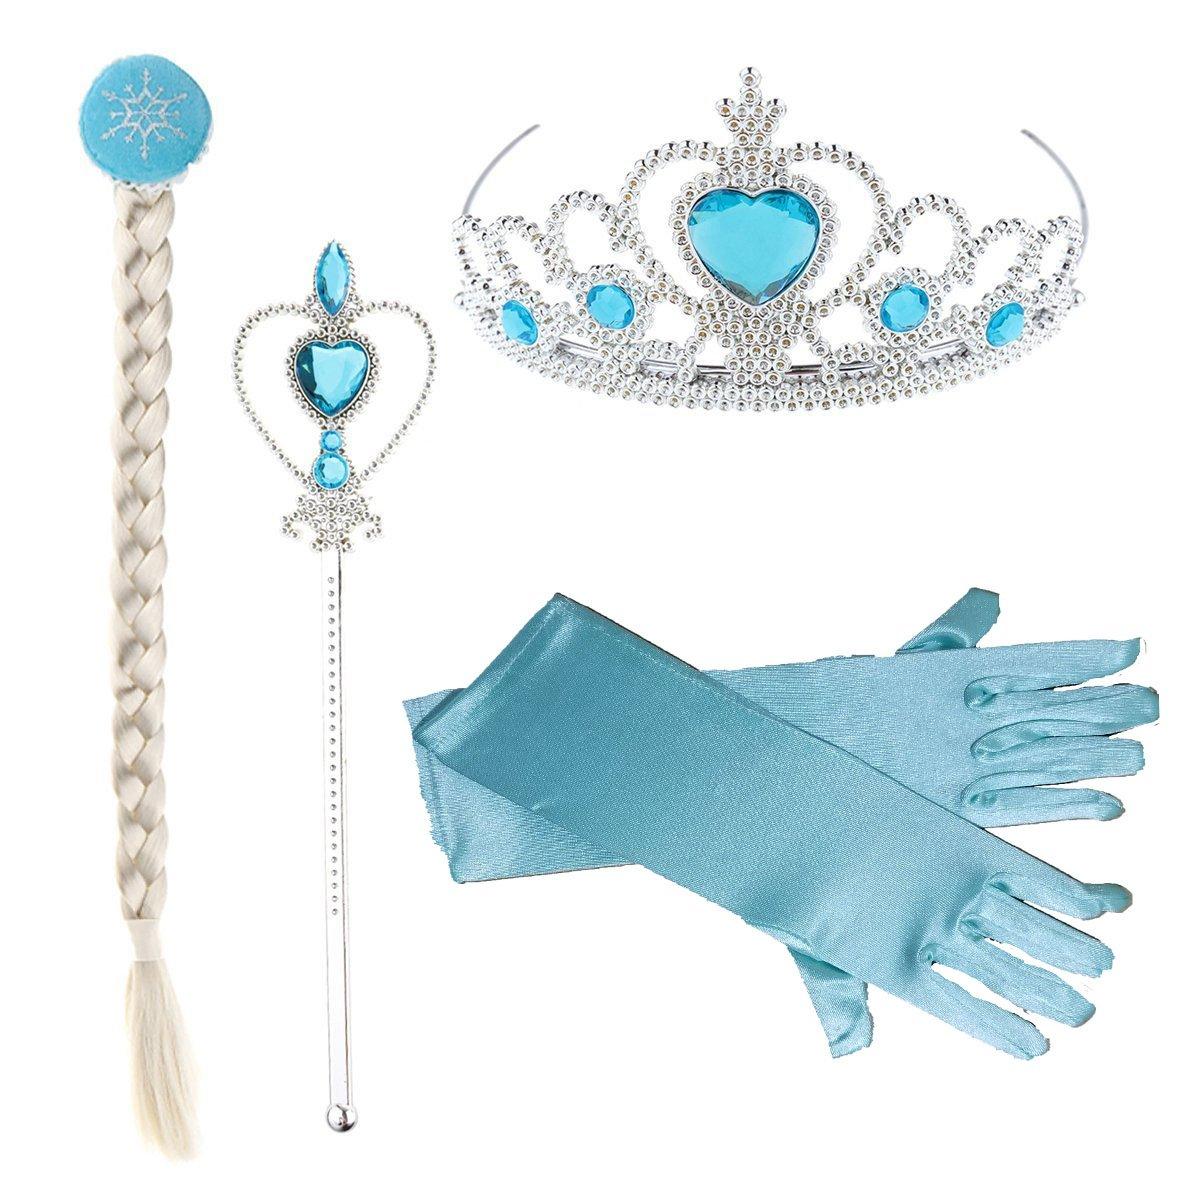 DaHeng Princess Little Girls Kids Dress Up Accessories,Crown Braid Wand Blue Gloves Jewelry Set